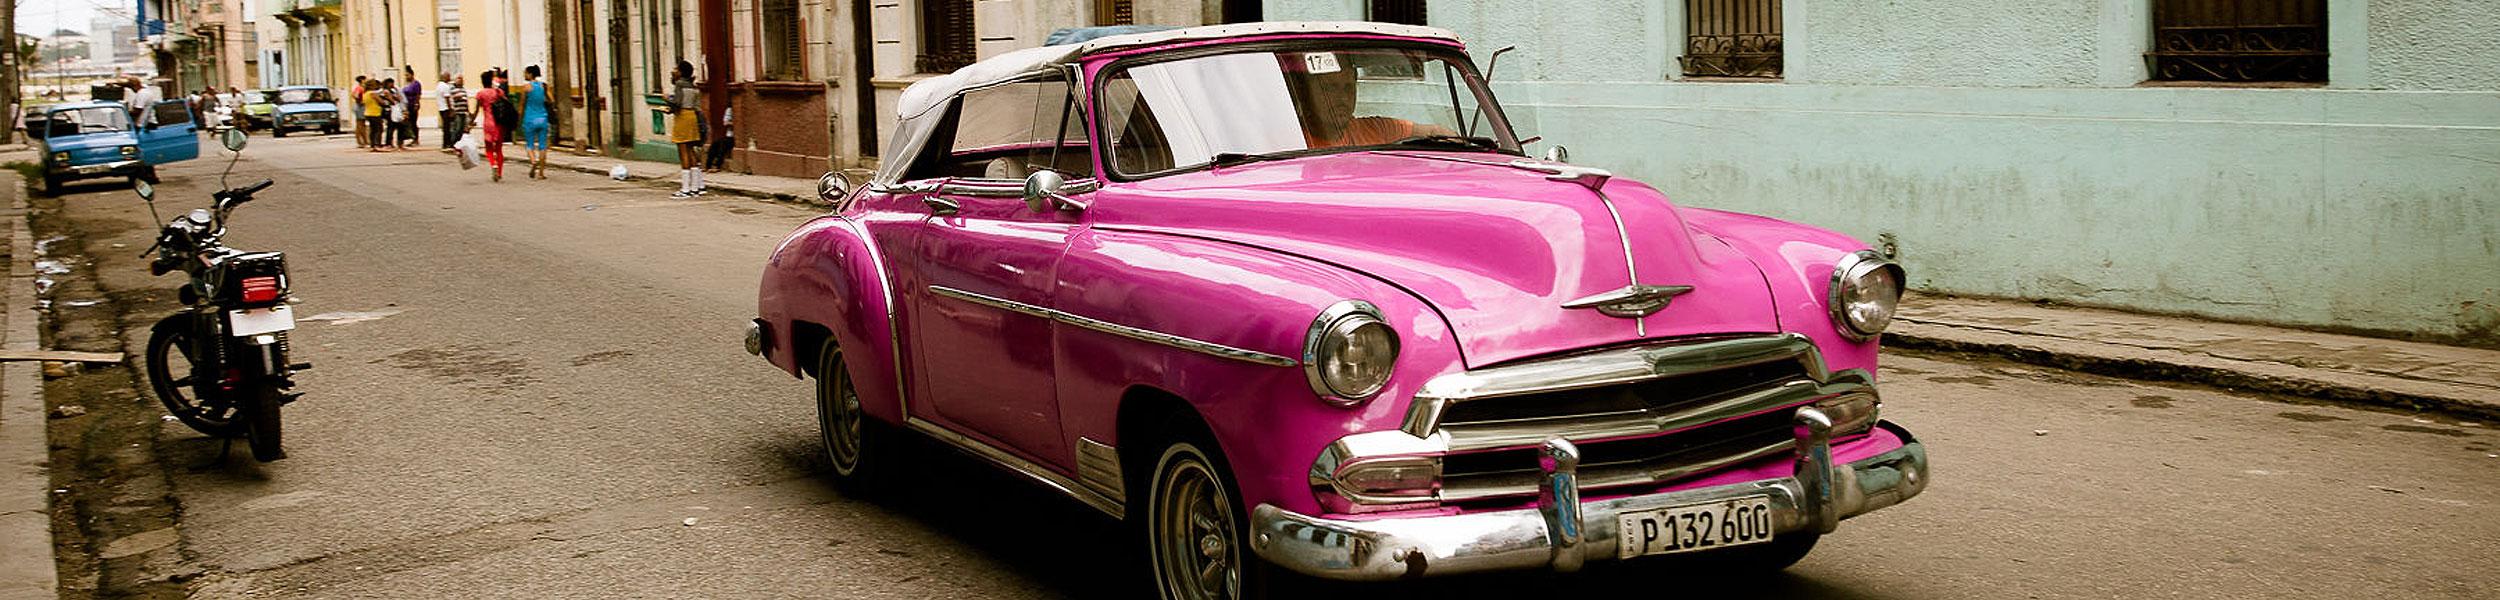 Cuba2018-1014